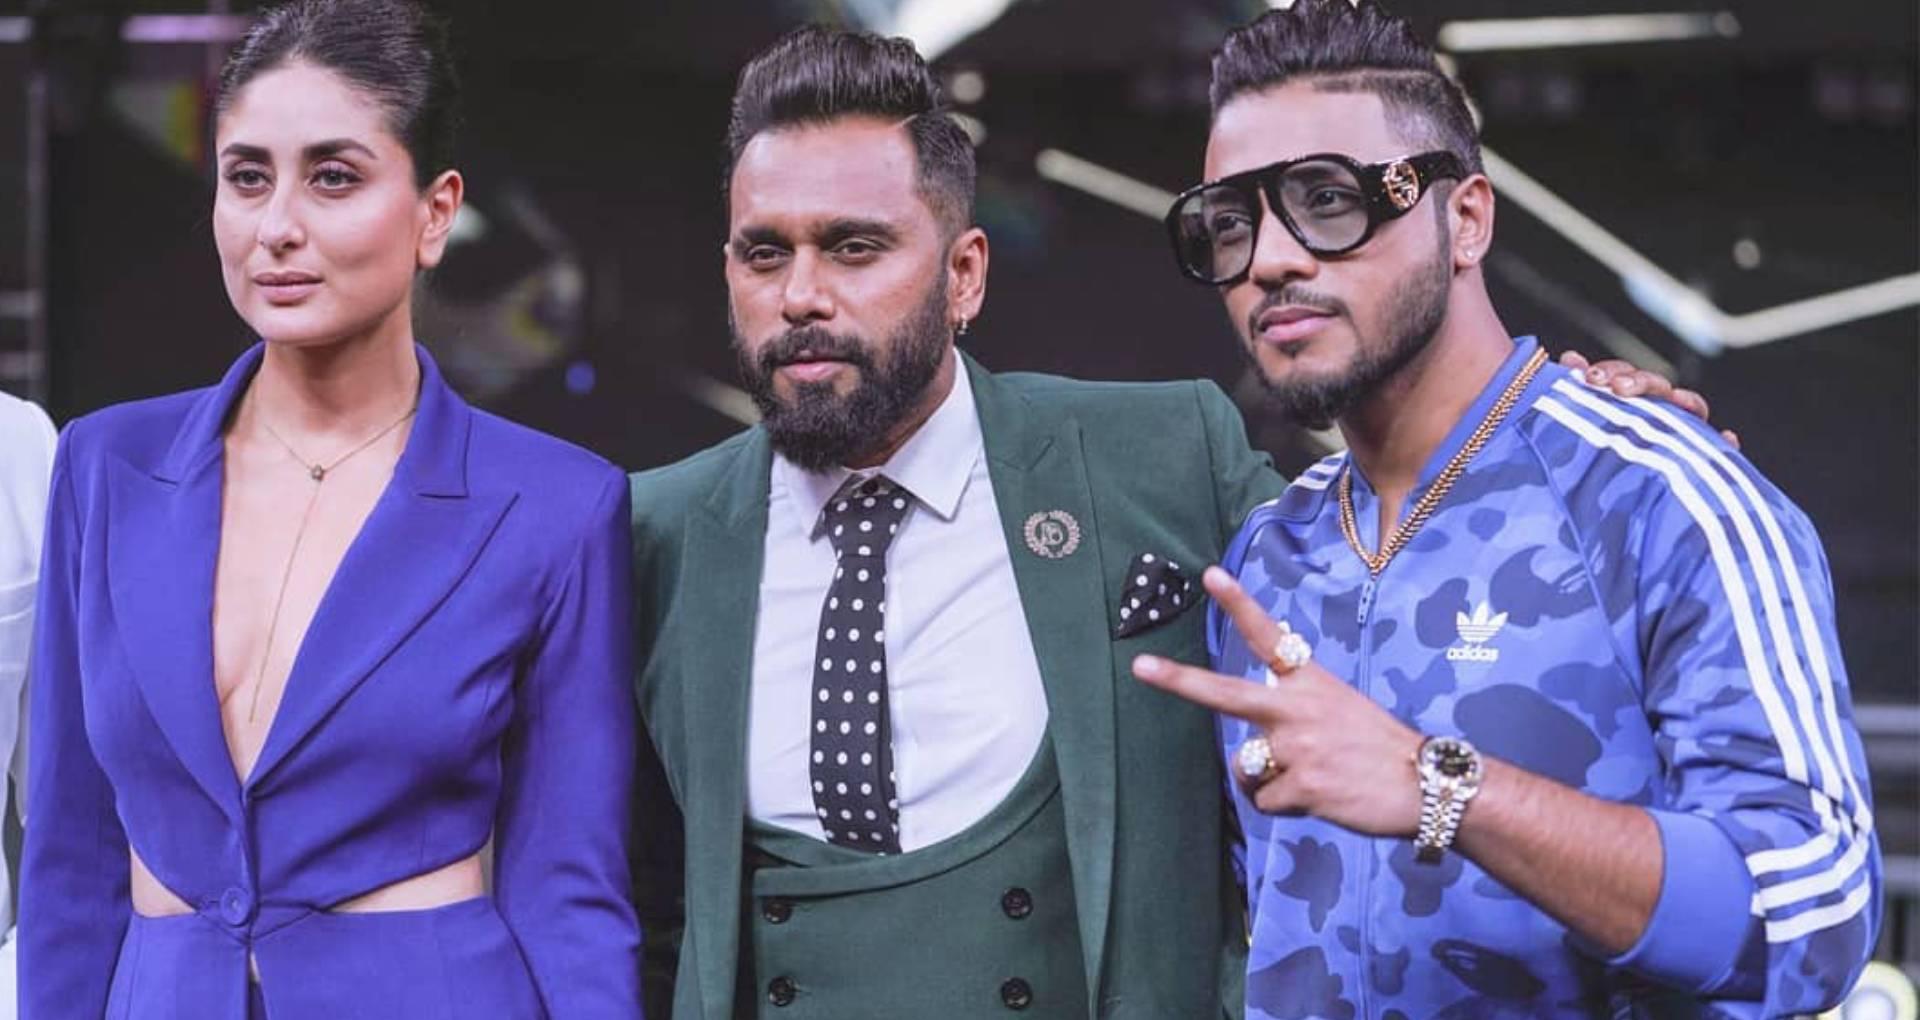 रफ्तार ने दिखाया कैसी चल रही है डांस इंडिया डांस के सेटअप की तैयारी, वीडियो में देखिए कैसा दिखेगा DID का मंच